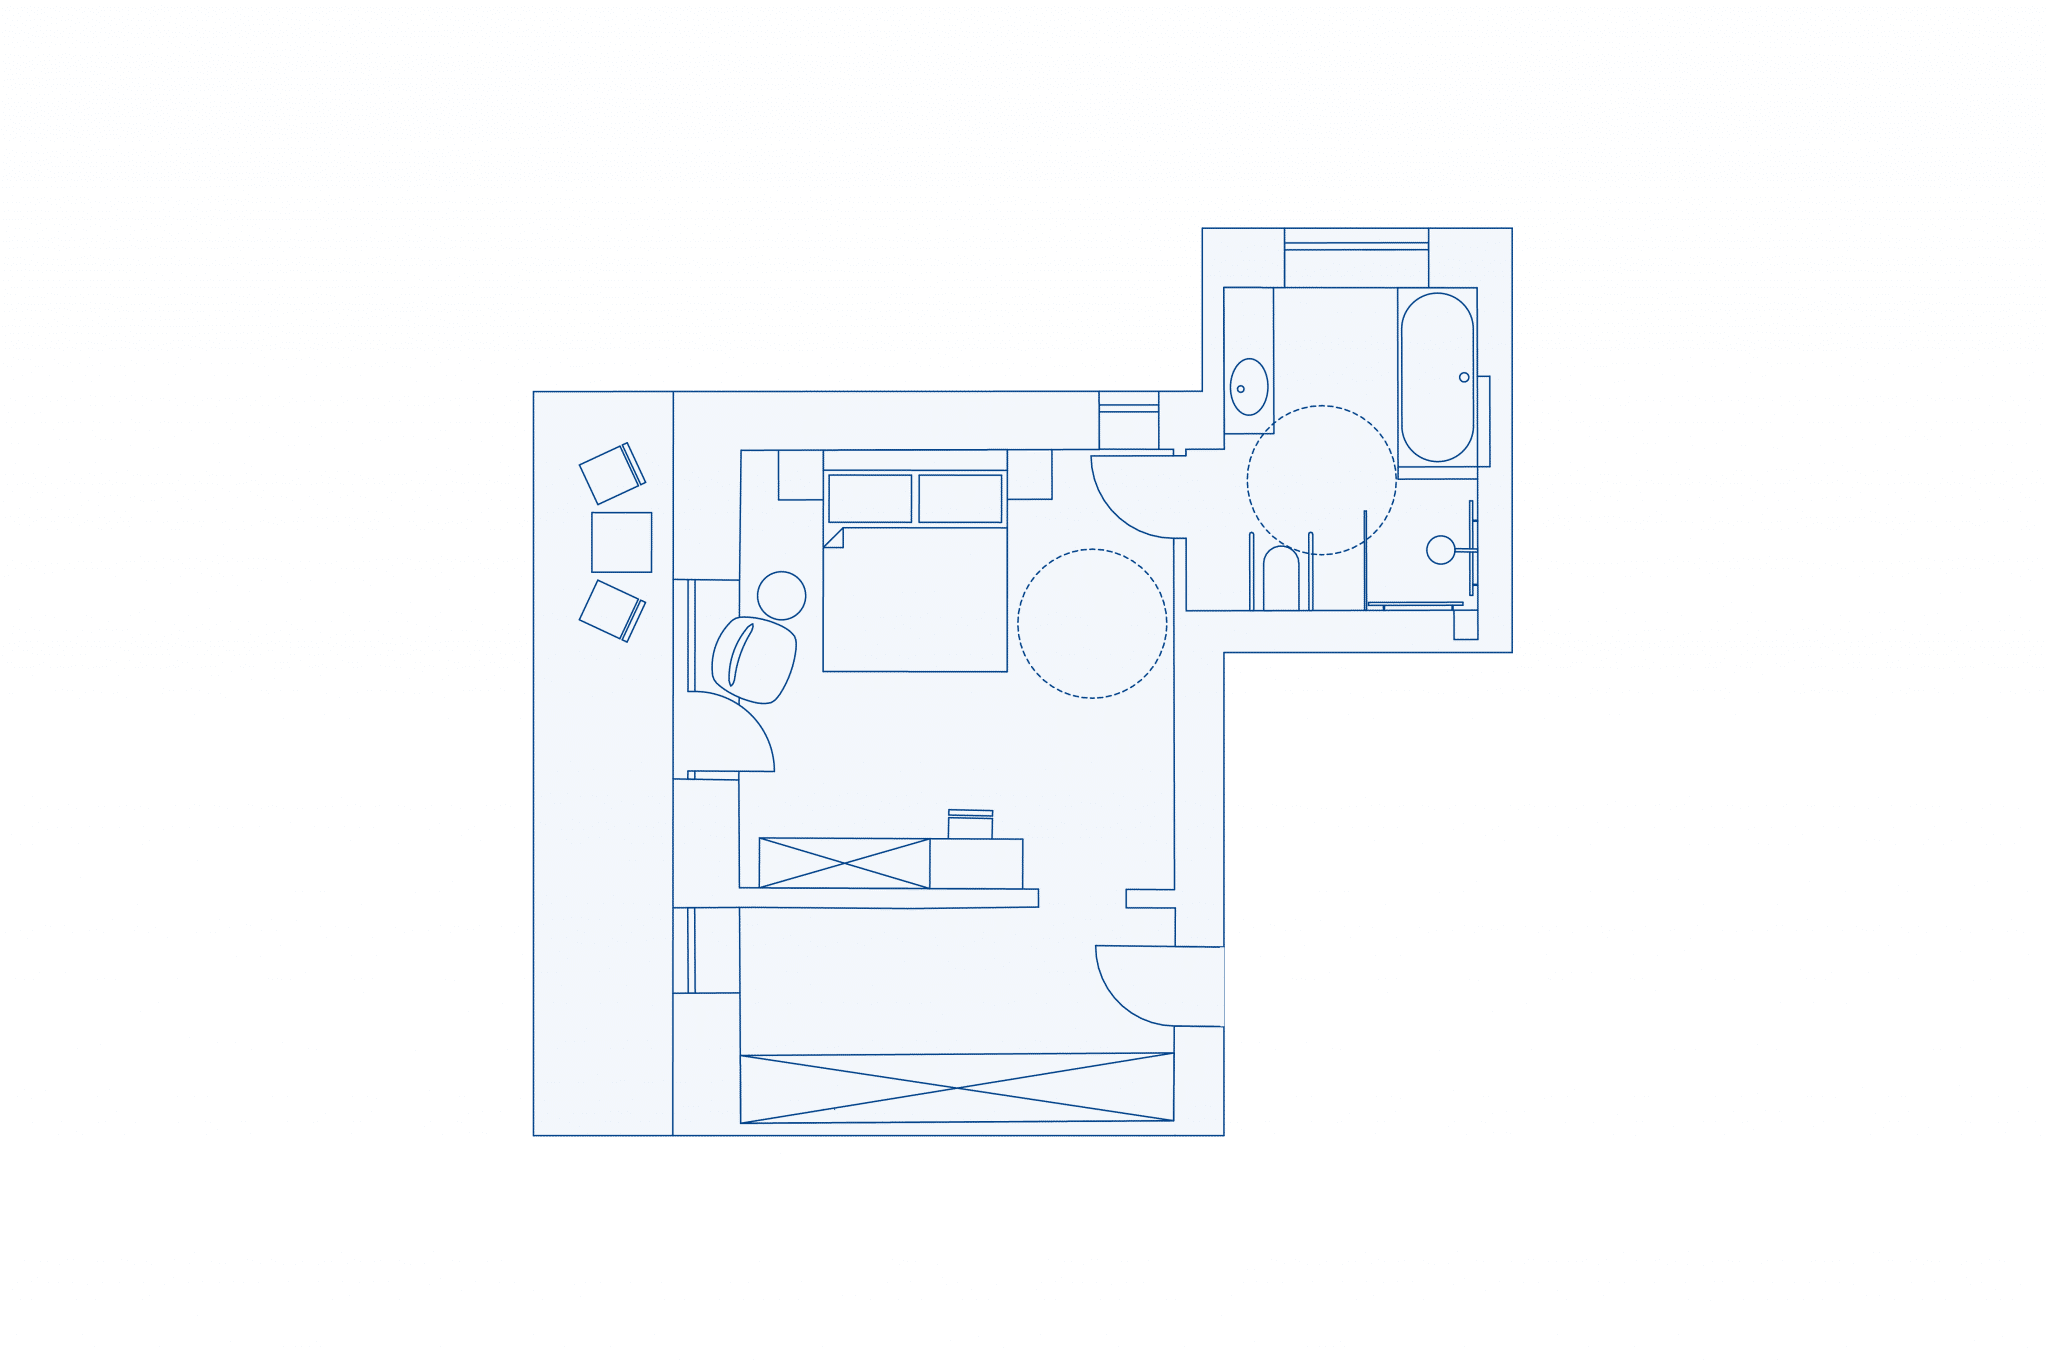 Room layout at VIVAMAYR Maria Wörth